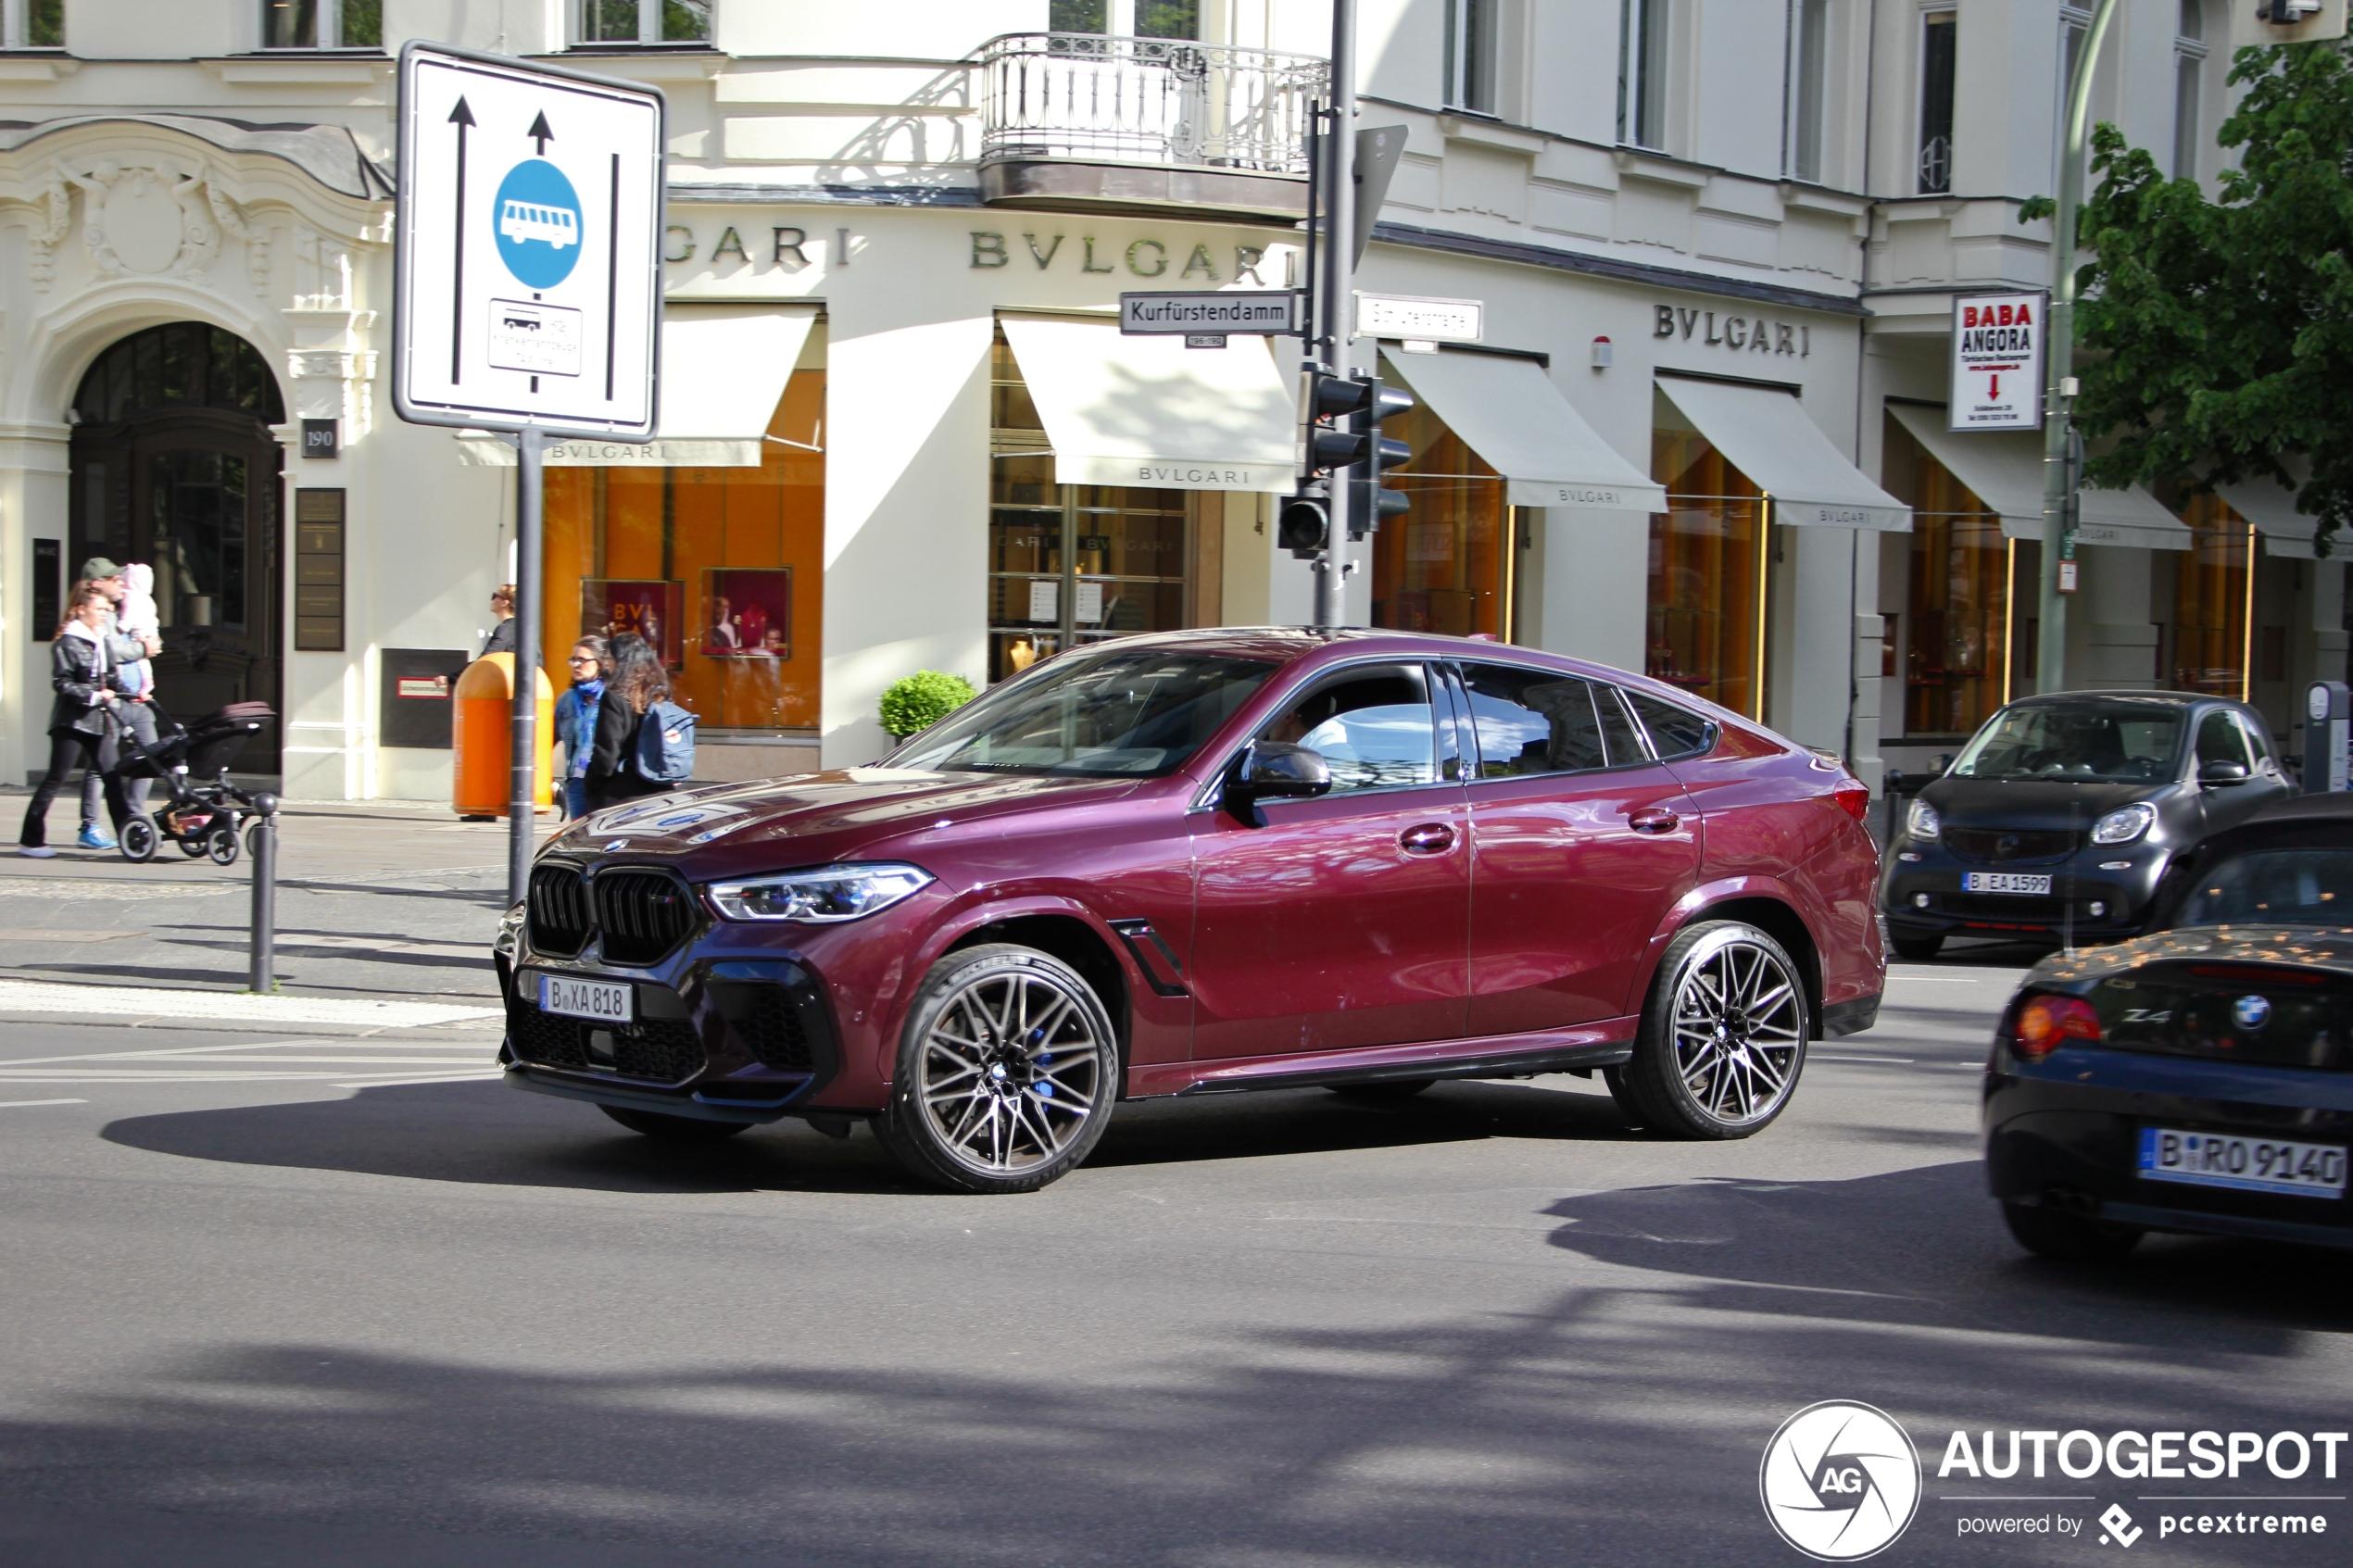 BMW X6 M Competition ziet er lekker uit op straat